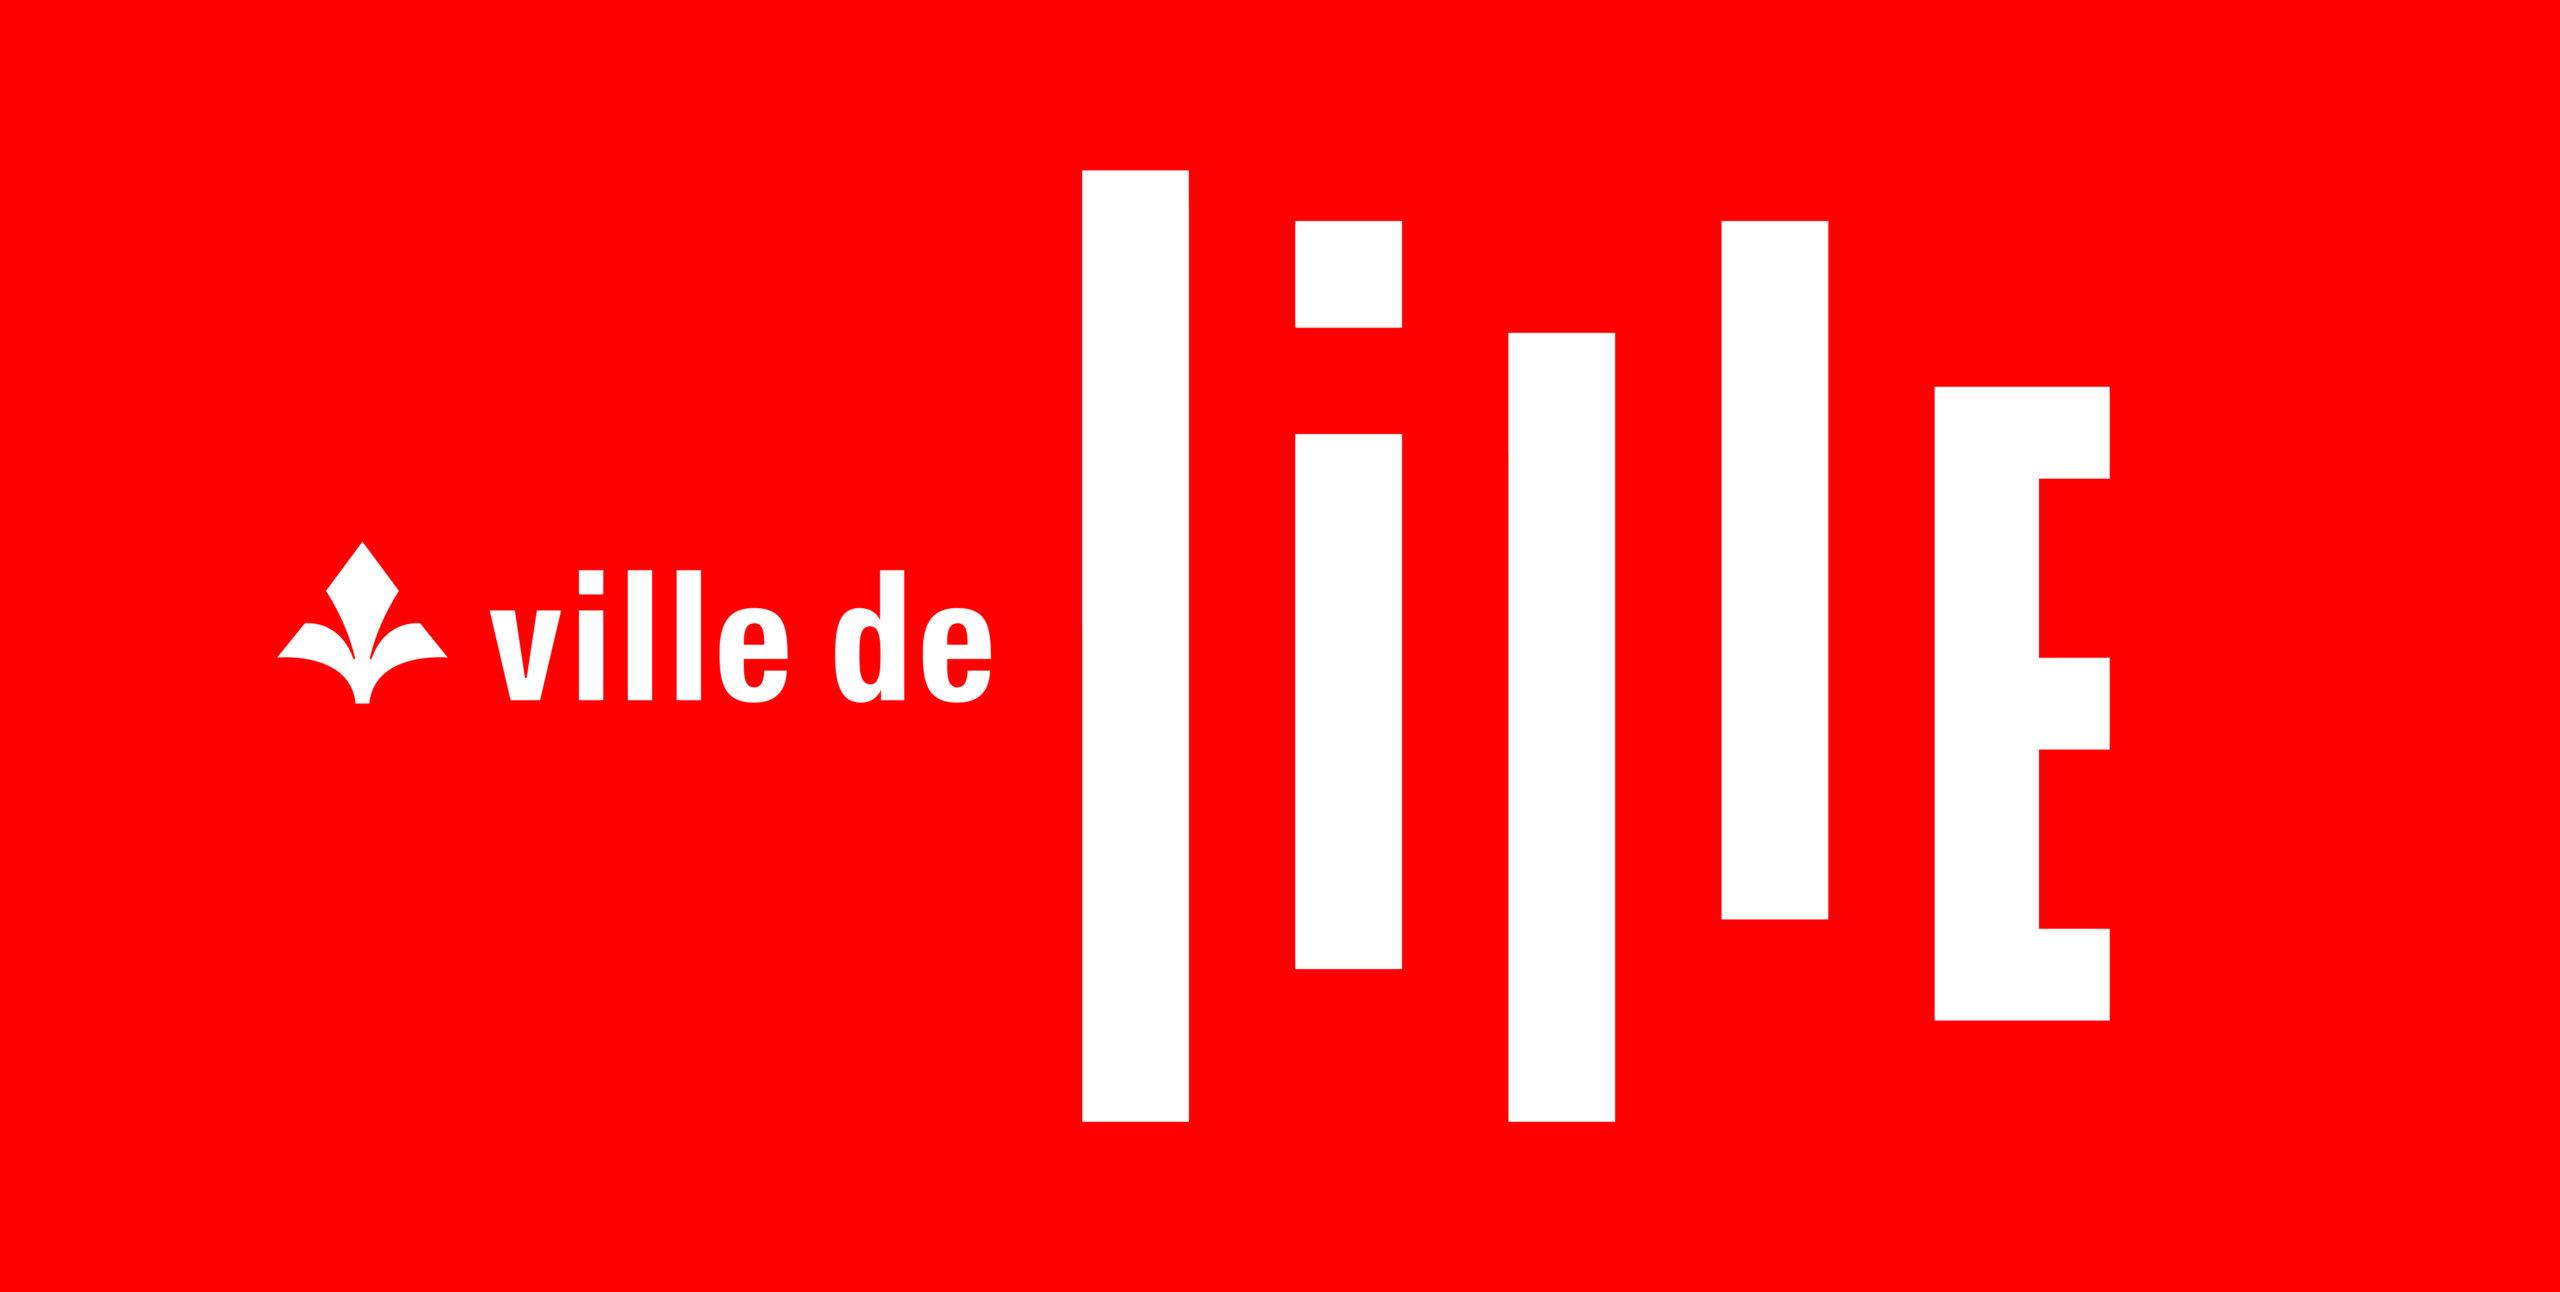 LogotypeHorizontal-Negatif